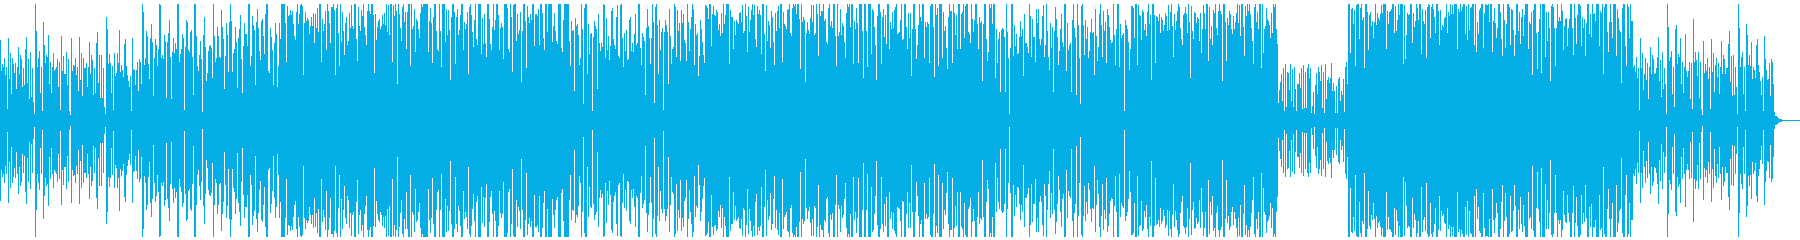 オシャレなBGMの再生済みの波形